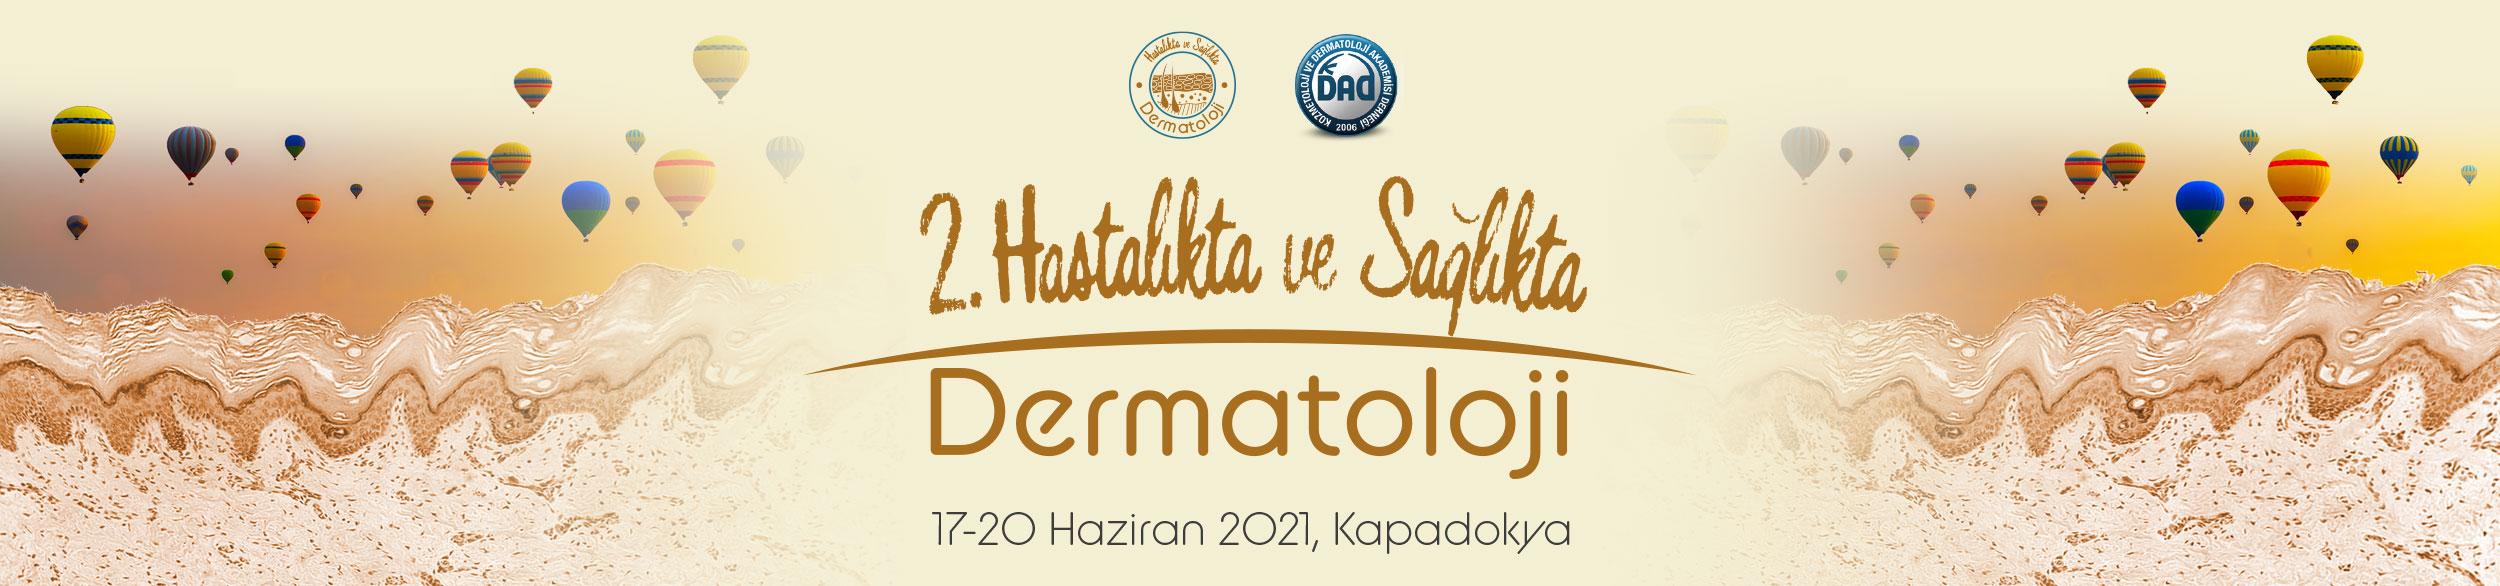 Hastalıkta ve Sağlıkta Dermatoloji Kongresi